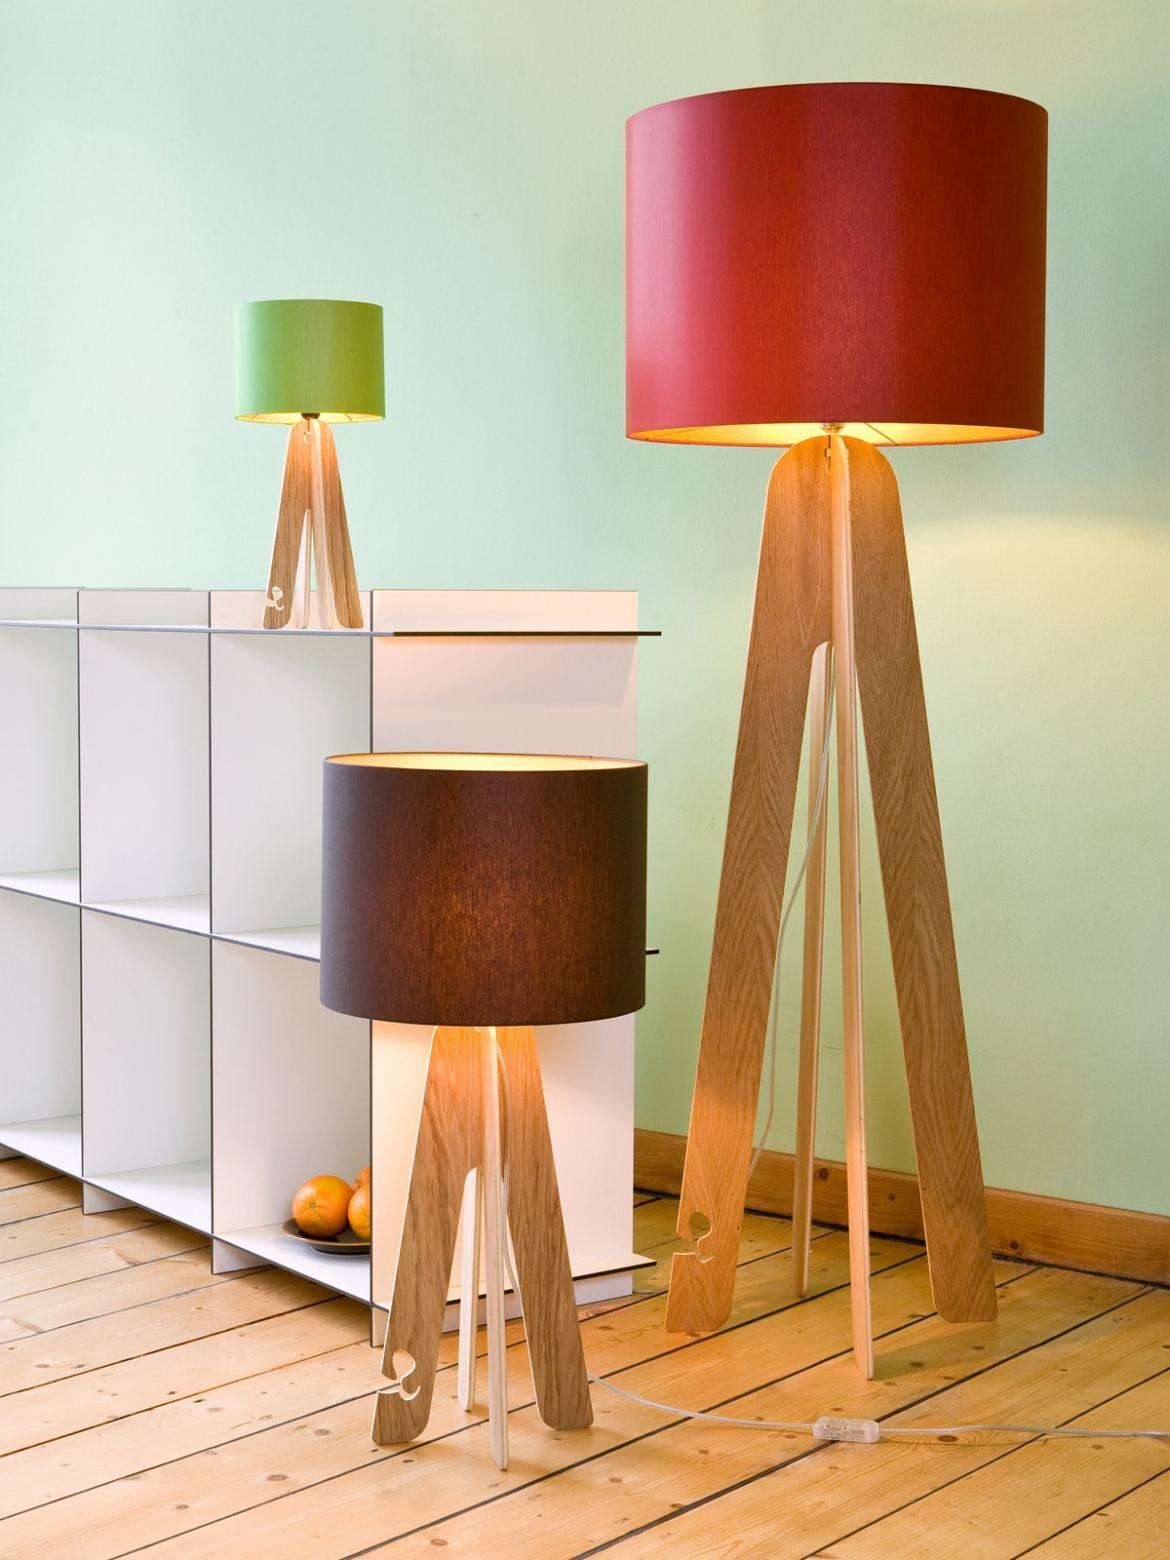 farbenfrohe leuchten mit dem gewissen etwas lampen. Black Bedroom Furniture Sets. Home Design Ideas